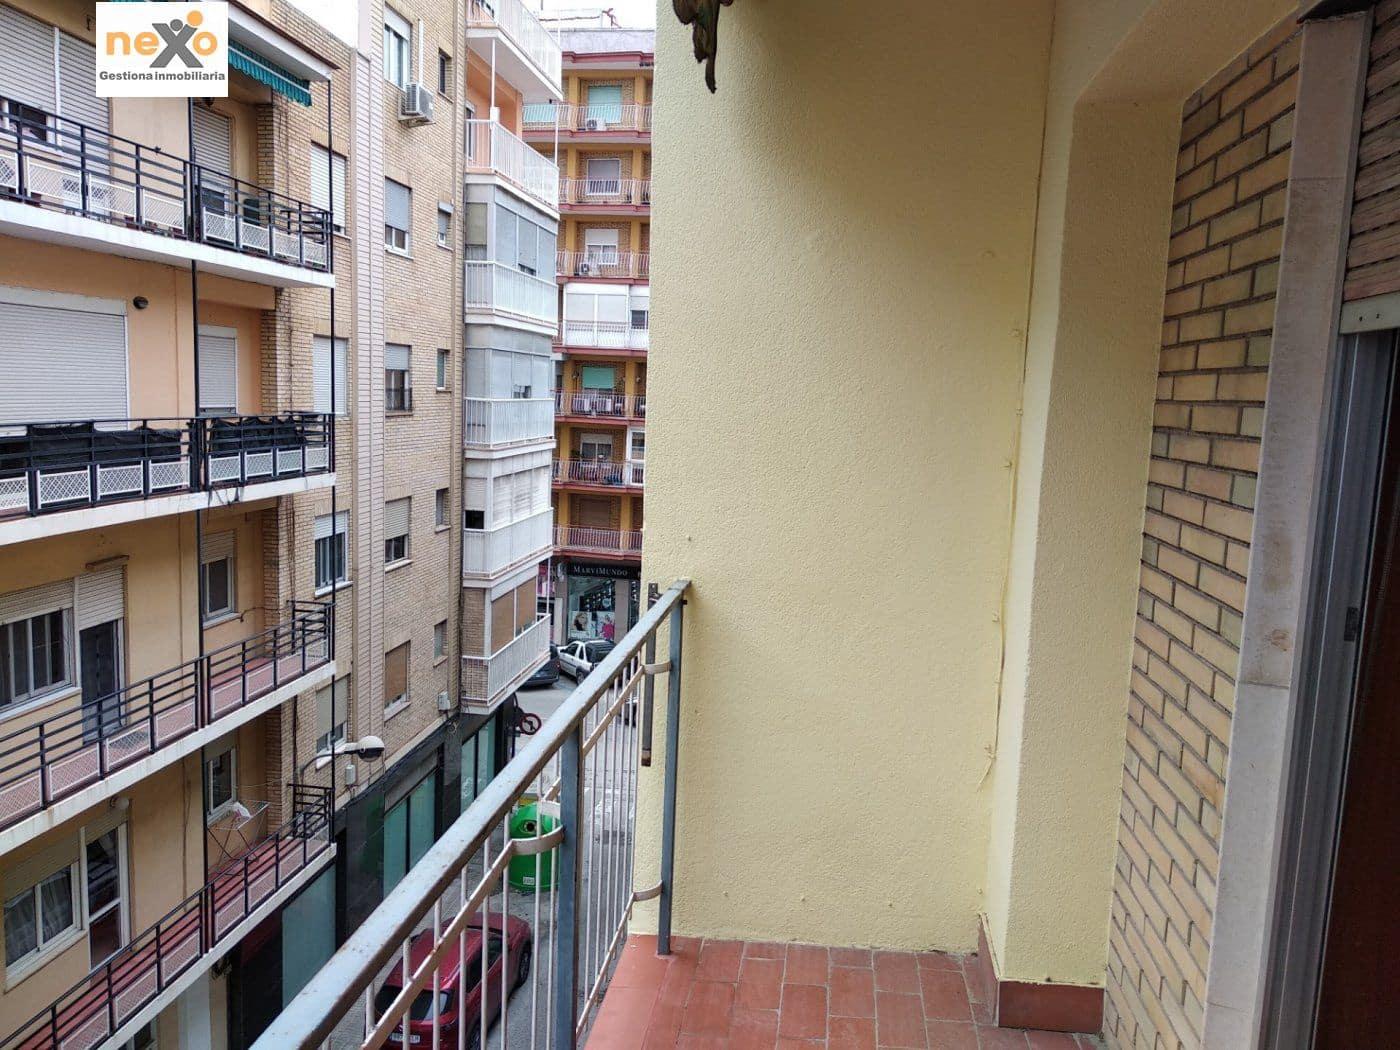 Piso de 3 habitaciones en Orihuela en venta - 49.990 € (Ref: 5058608)